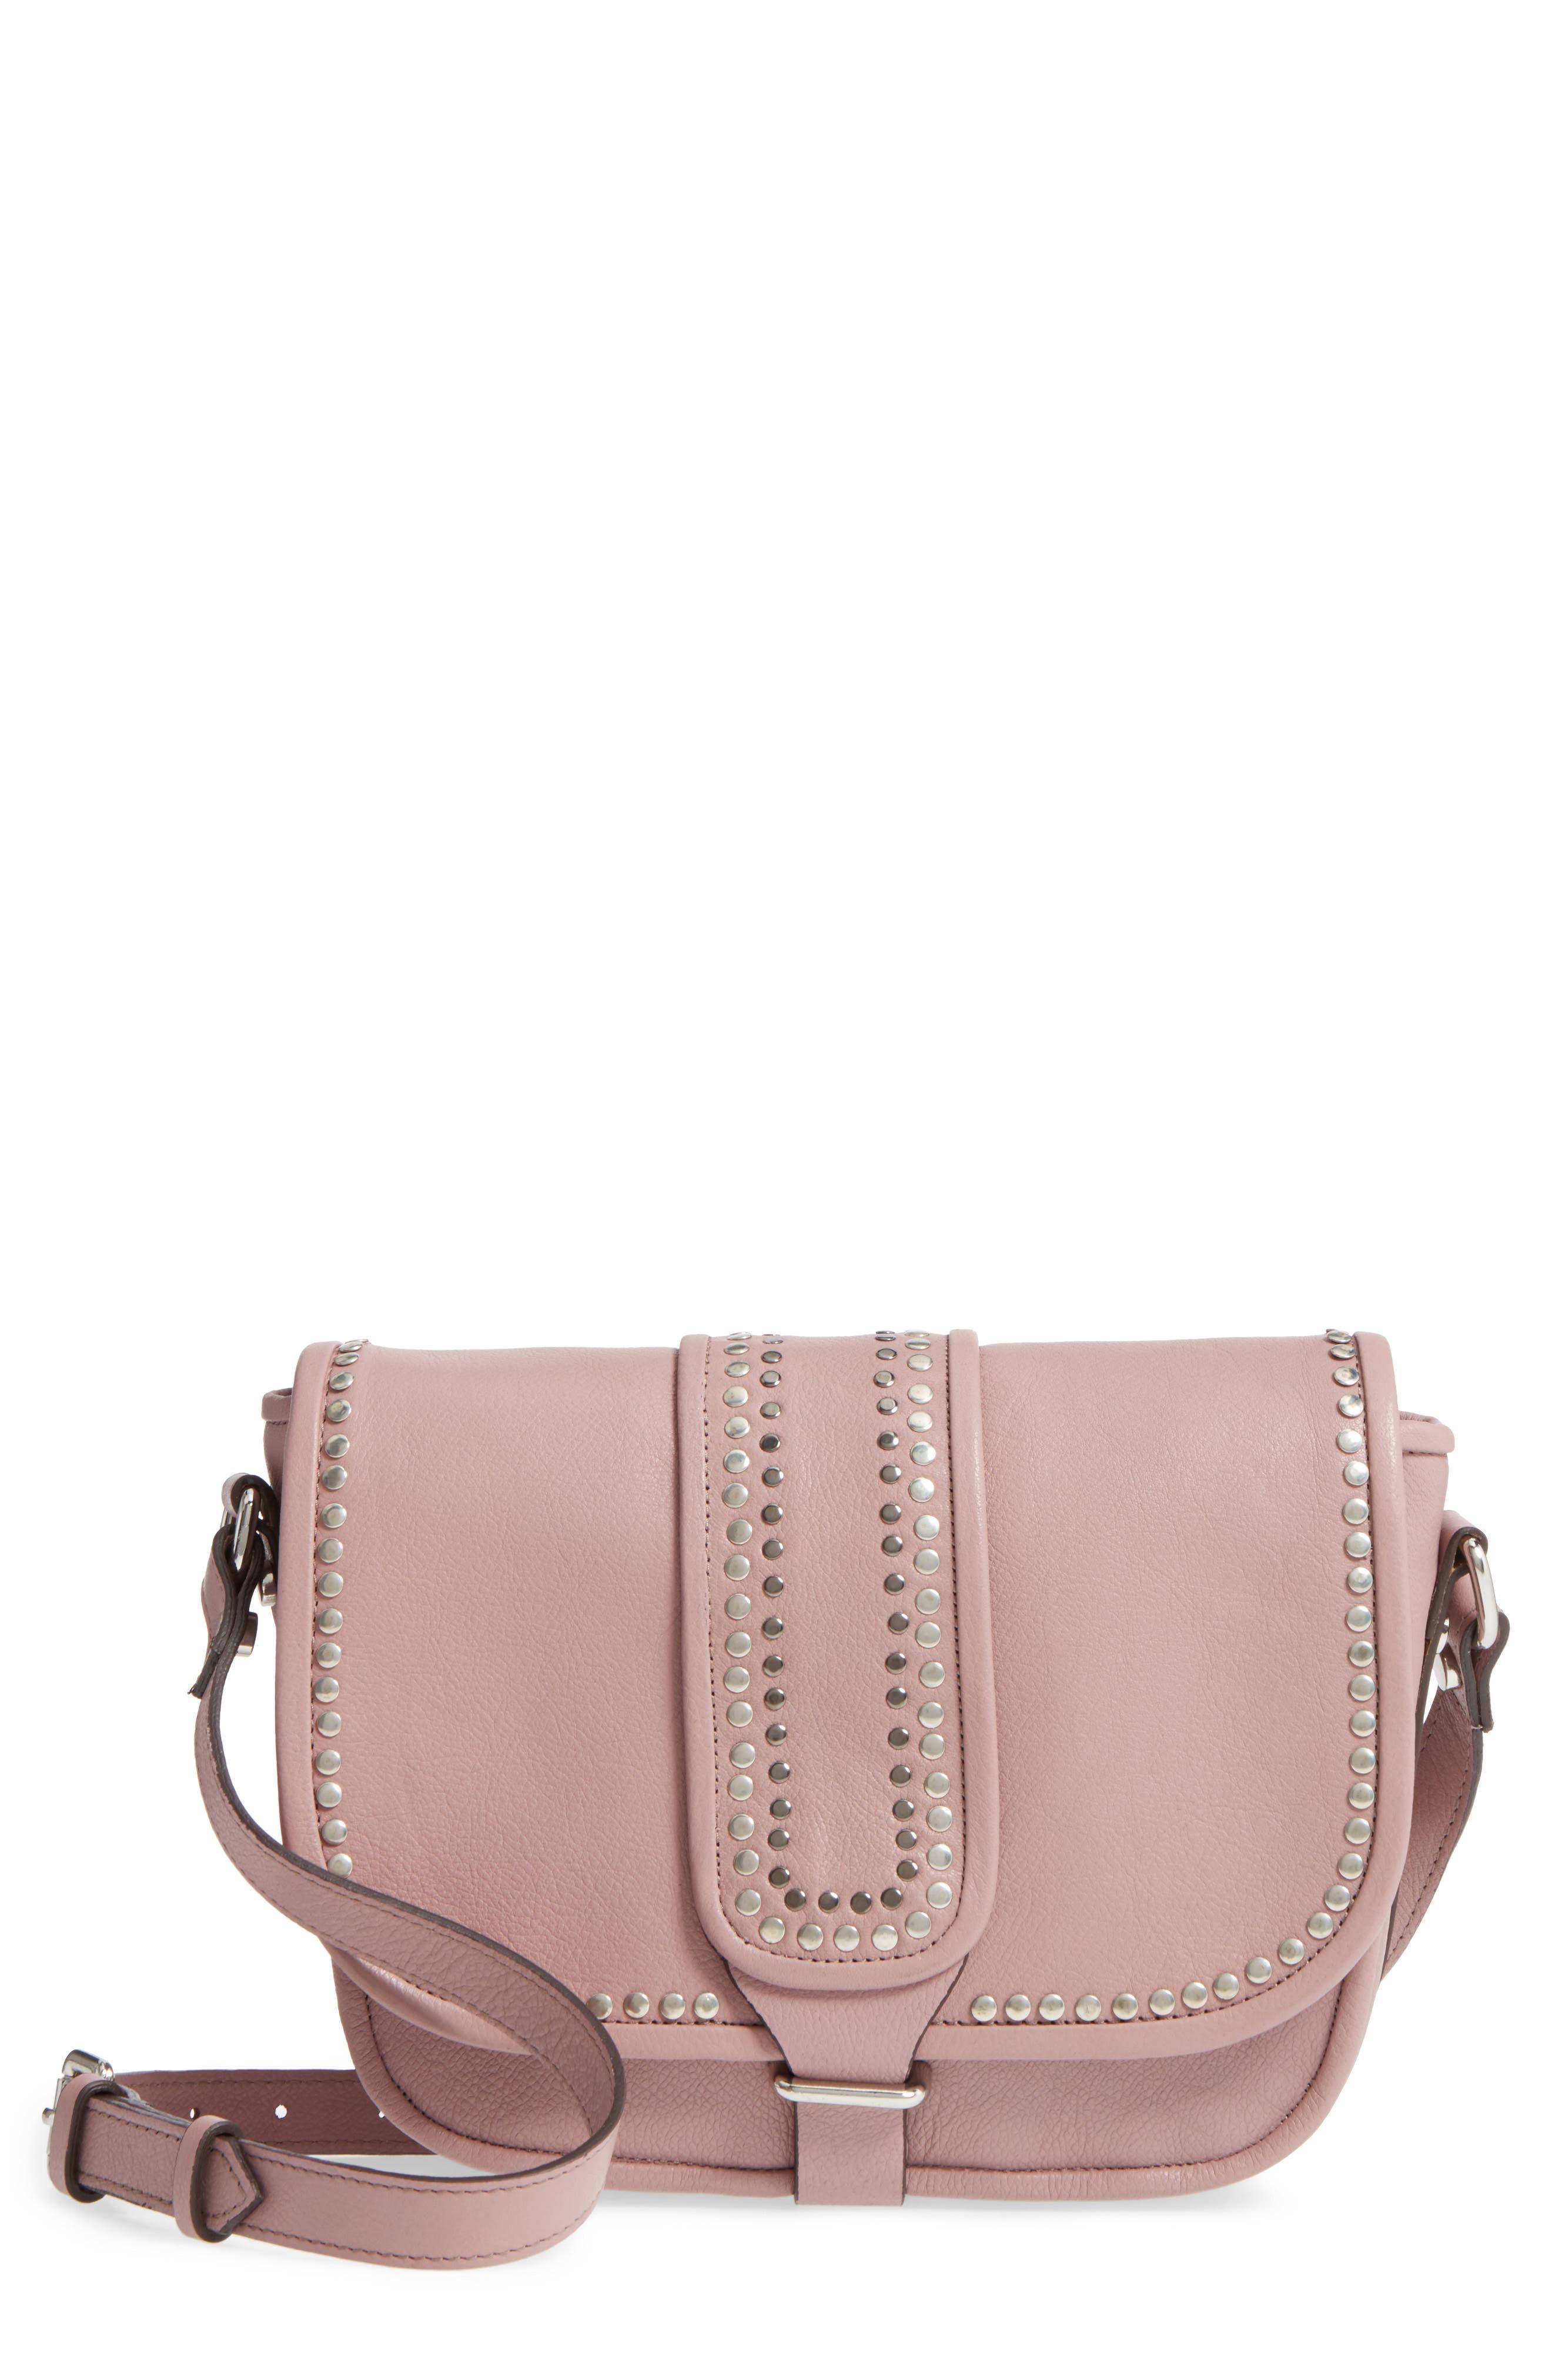 Premium Leather Studded Shoulder Bag,                         Main,                         color, Blush